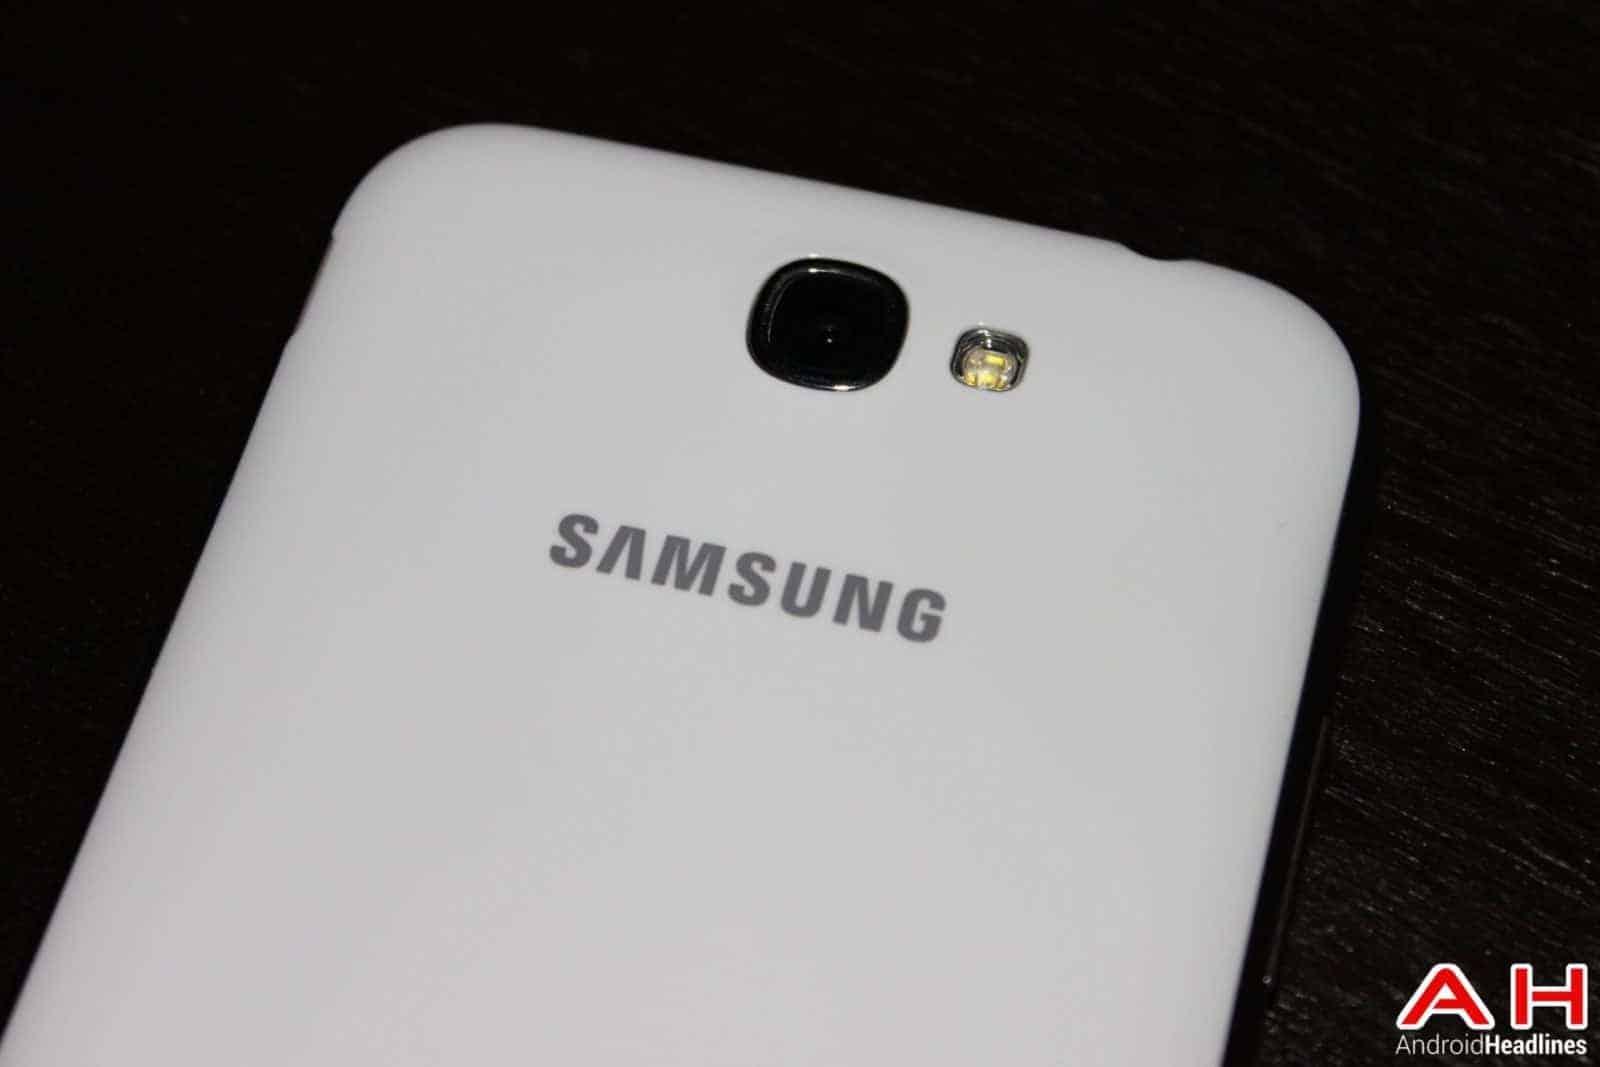 AH Samsung Galaxy Note 2 Logo 2.2